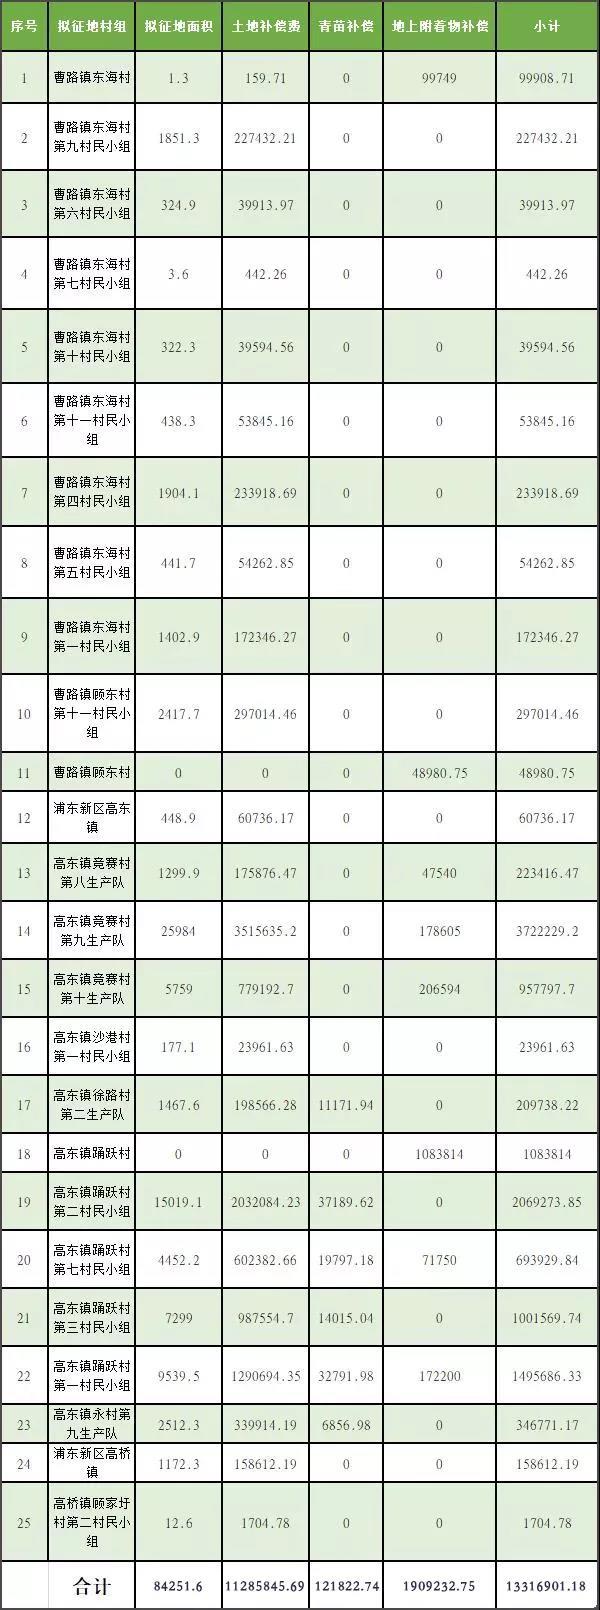 浦东征地补偿 - 浦东沿江通道拟征地约8.4万㎡及补偿方案公告